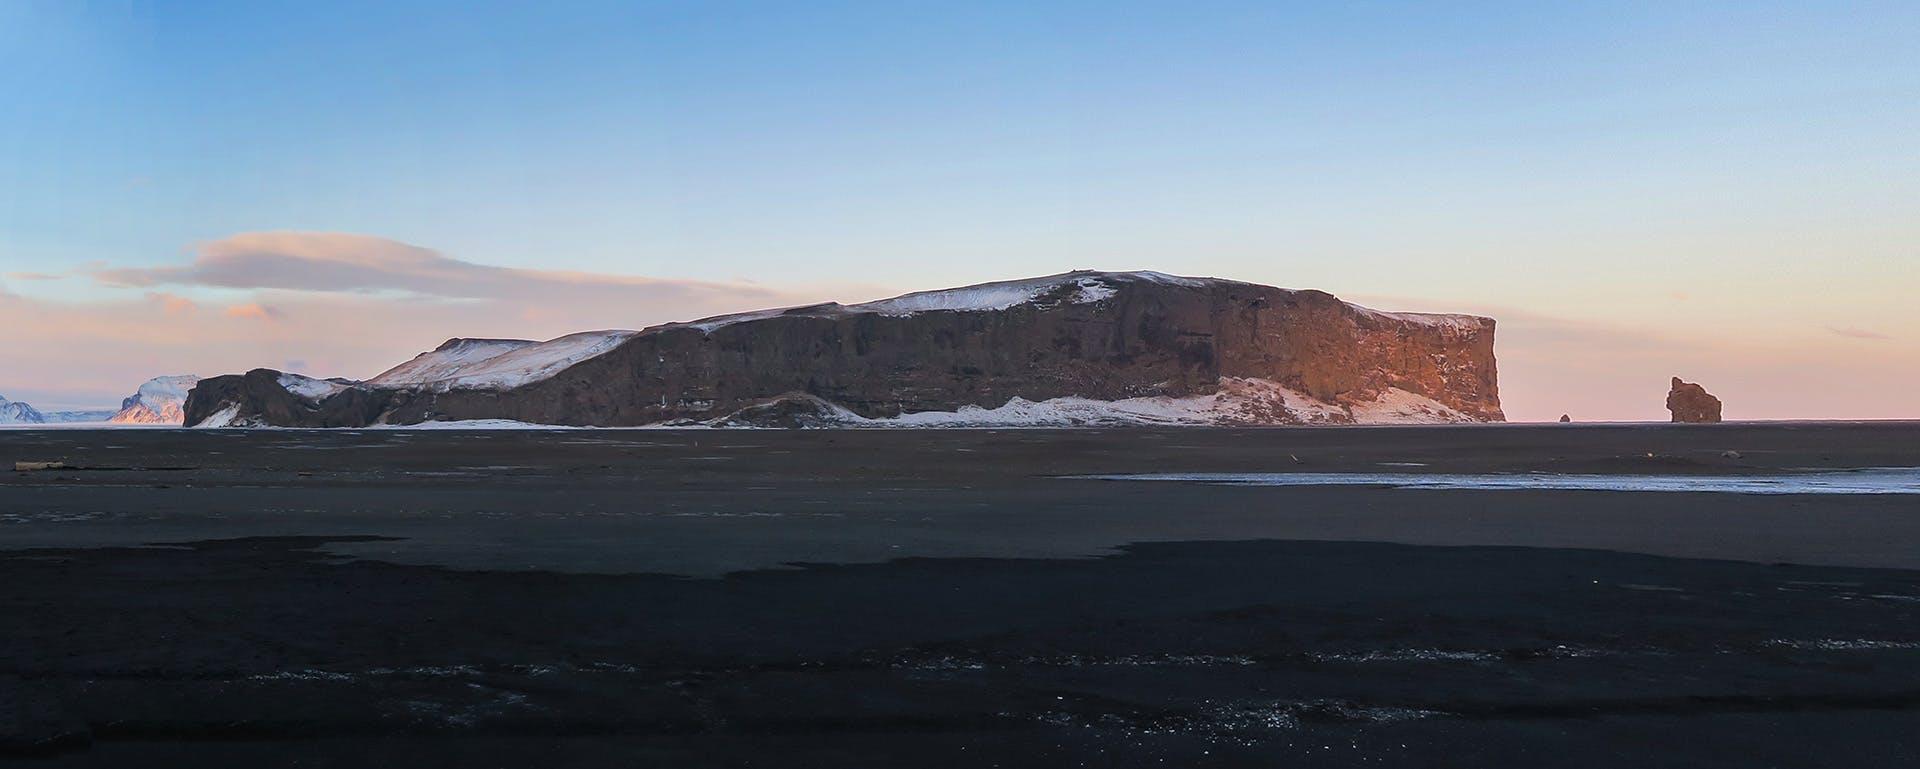 Hjorleifshofdi promontory in Iceland in winter